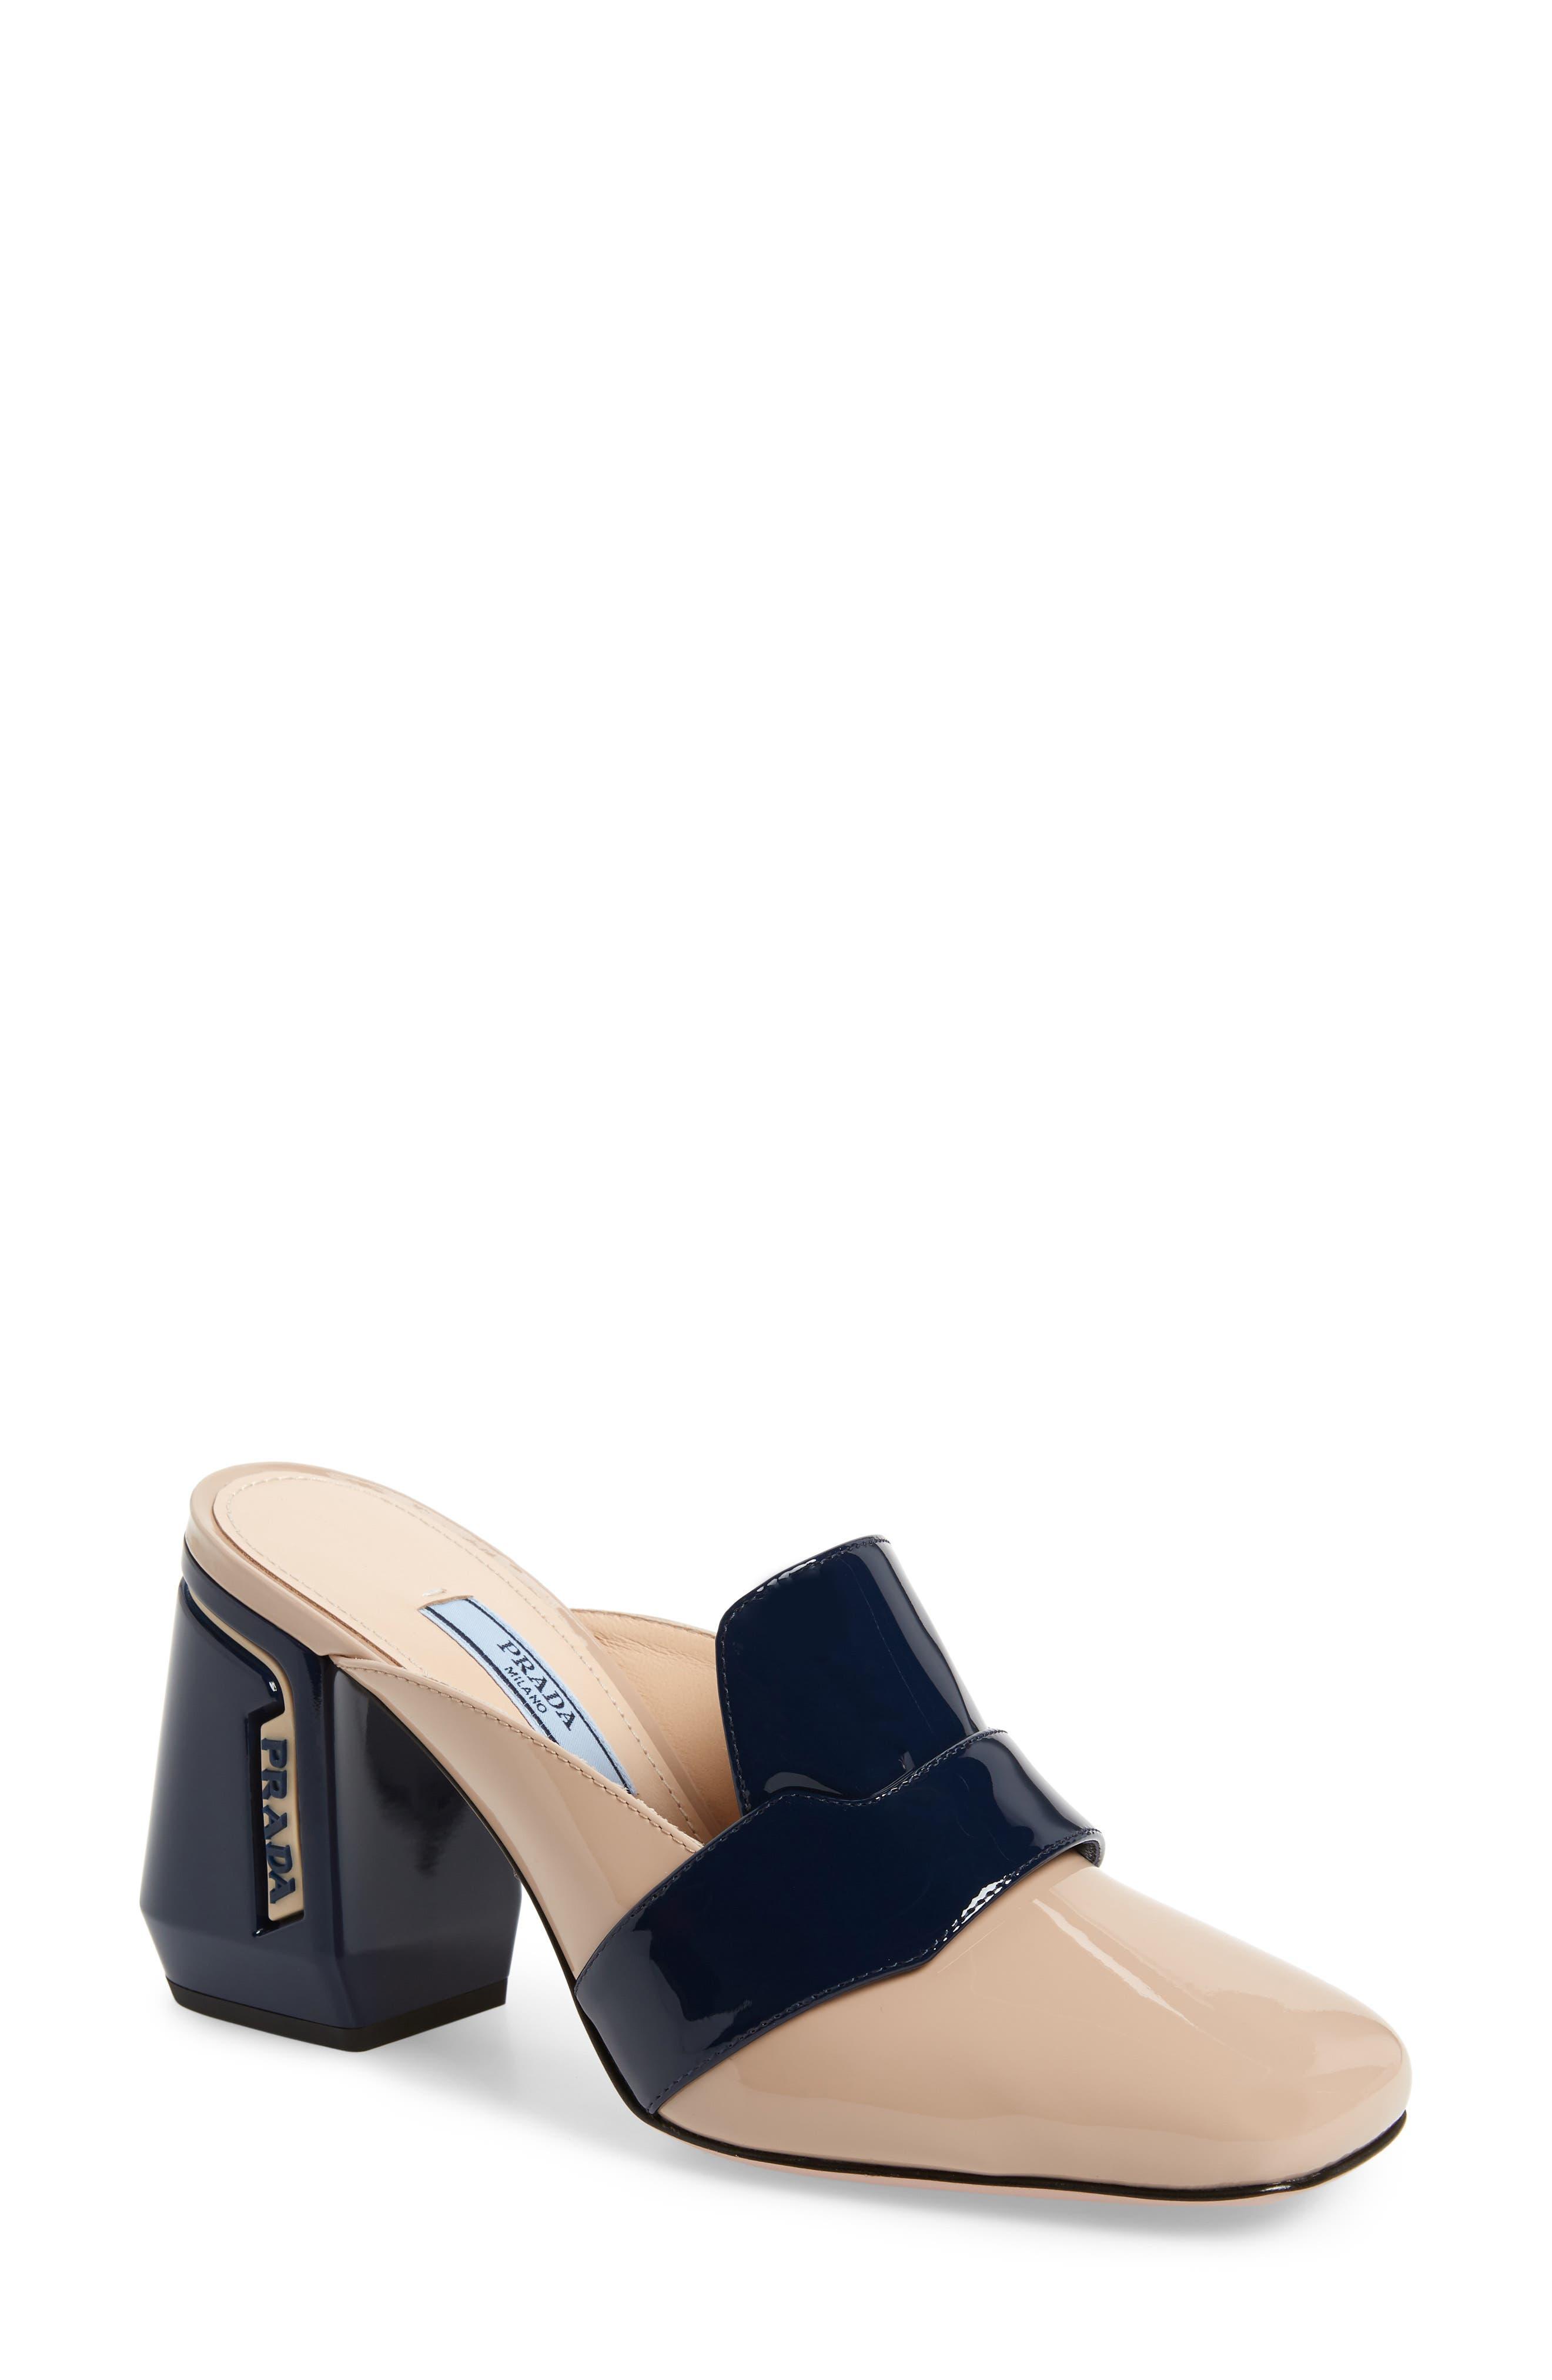 PRADA Block Heel Loafer Mule, Main, color, BEIGE/ NAVY